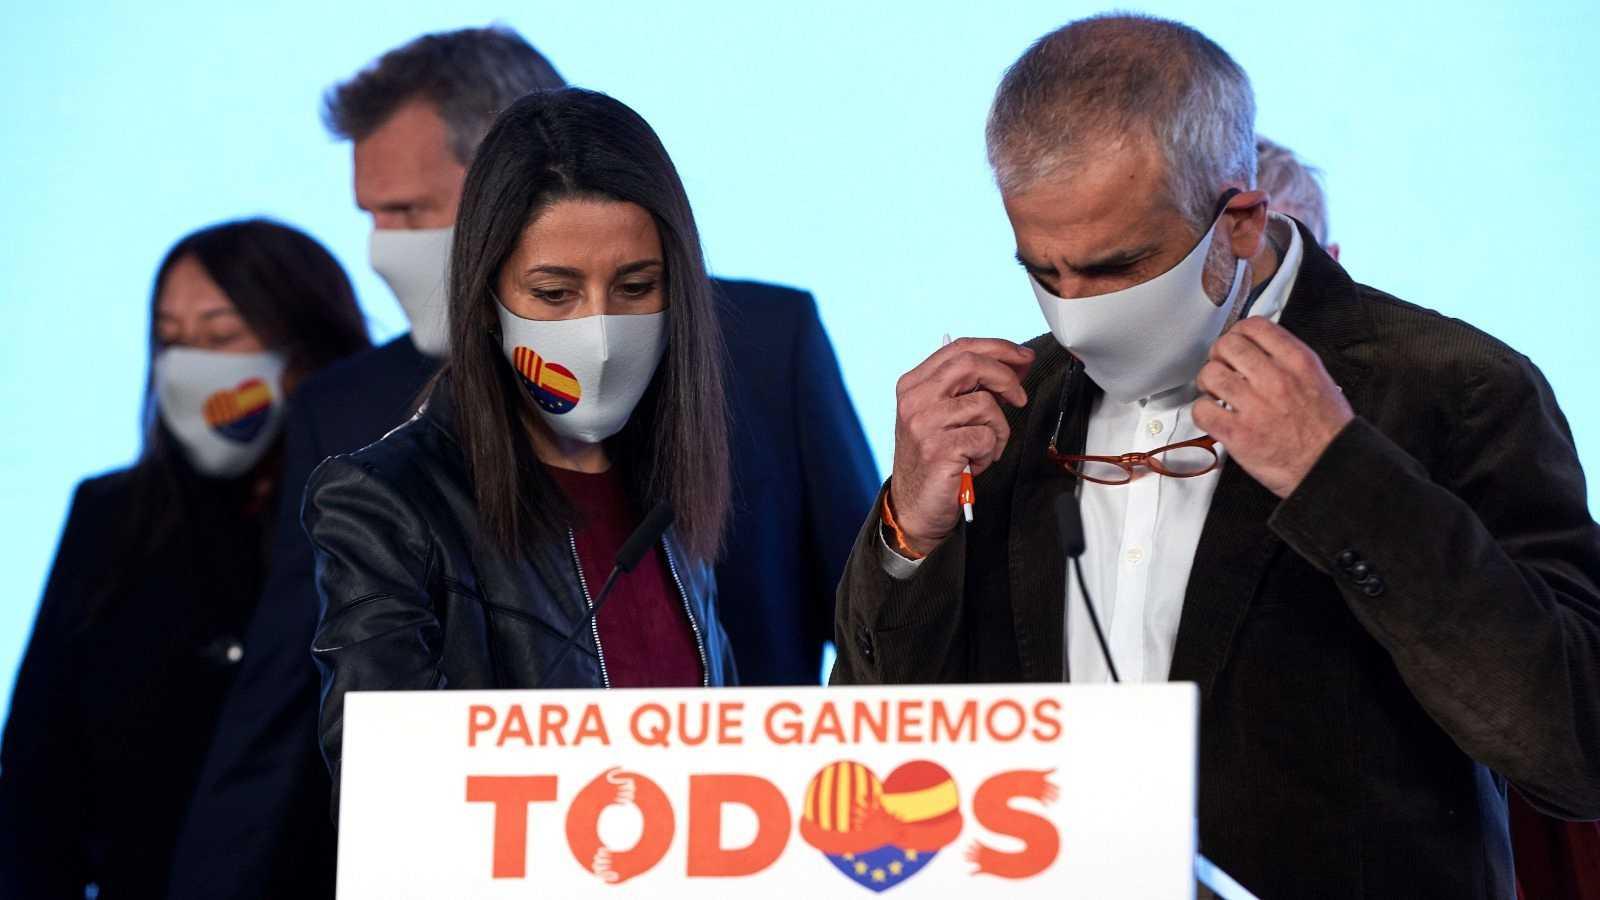 El candidato a la presidencia de la Generalitat por Ciudadanos Carlos Carrizosa y la presidenta del partido Inés Arrimadas comparecen para valorar los resultados electorales, este domingo en Barcelona